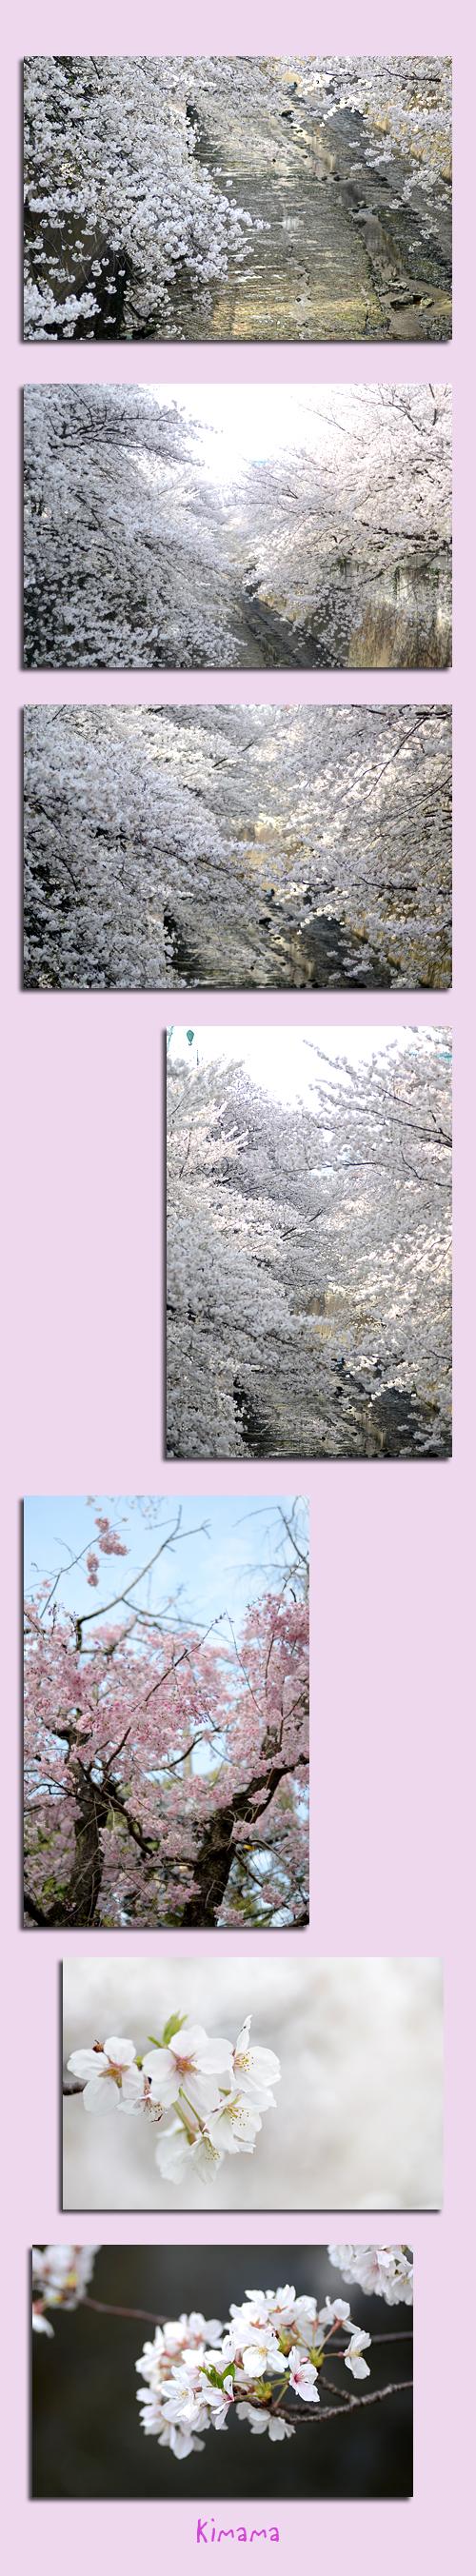 3月30日神田川2